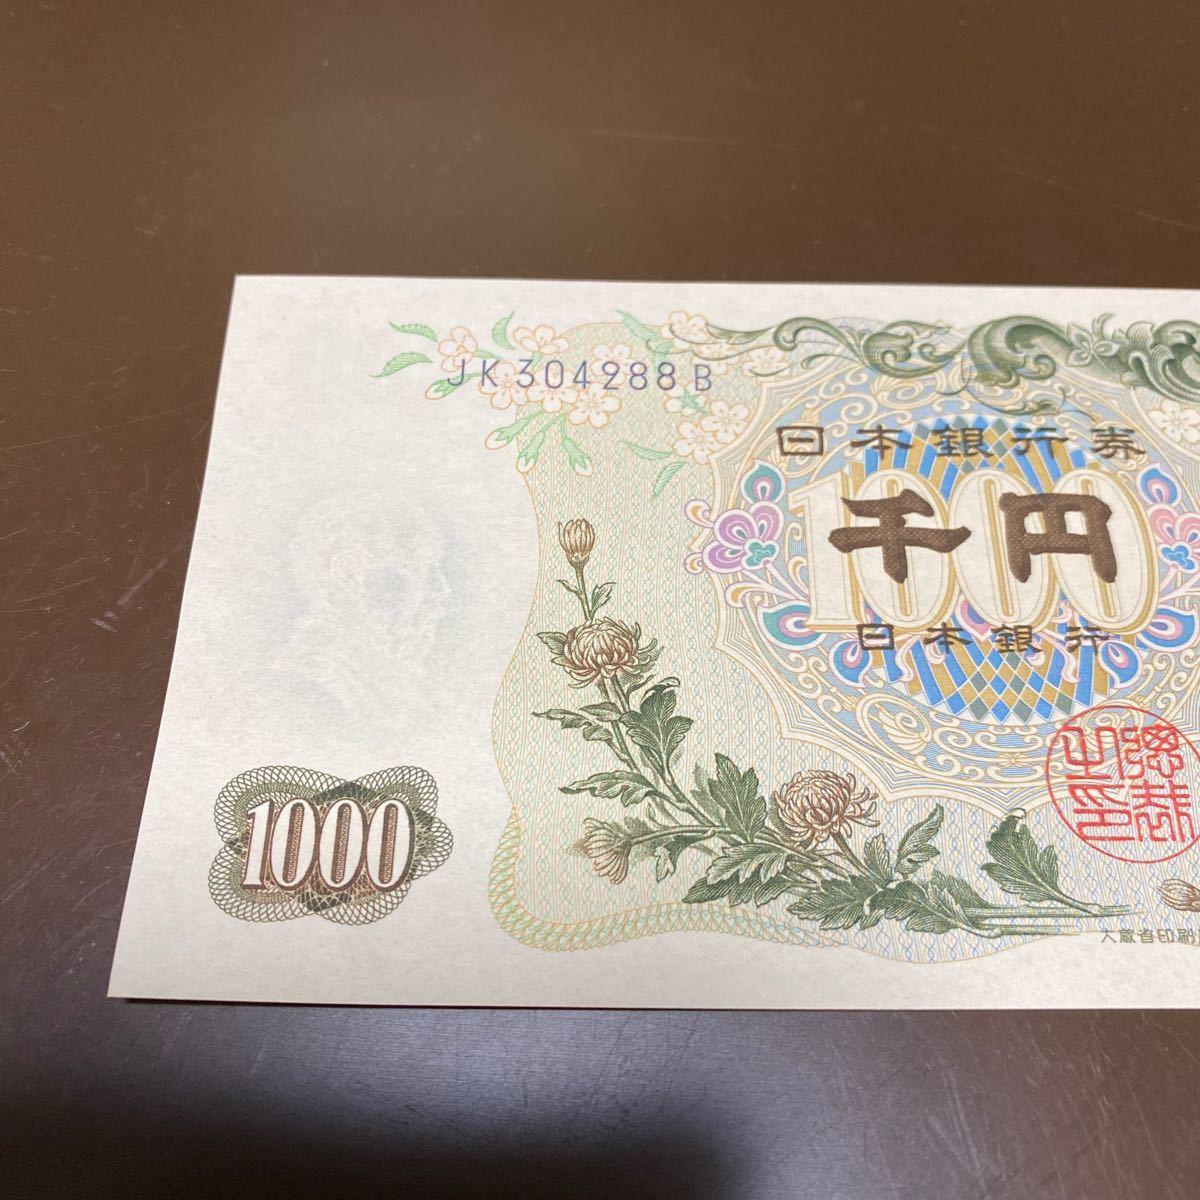 伊藤博文 1000円札 h_画像5